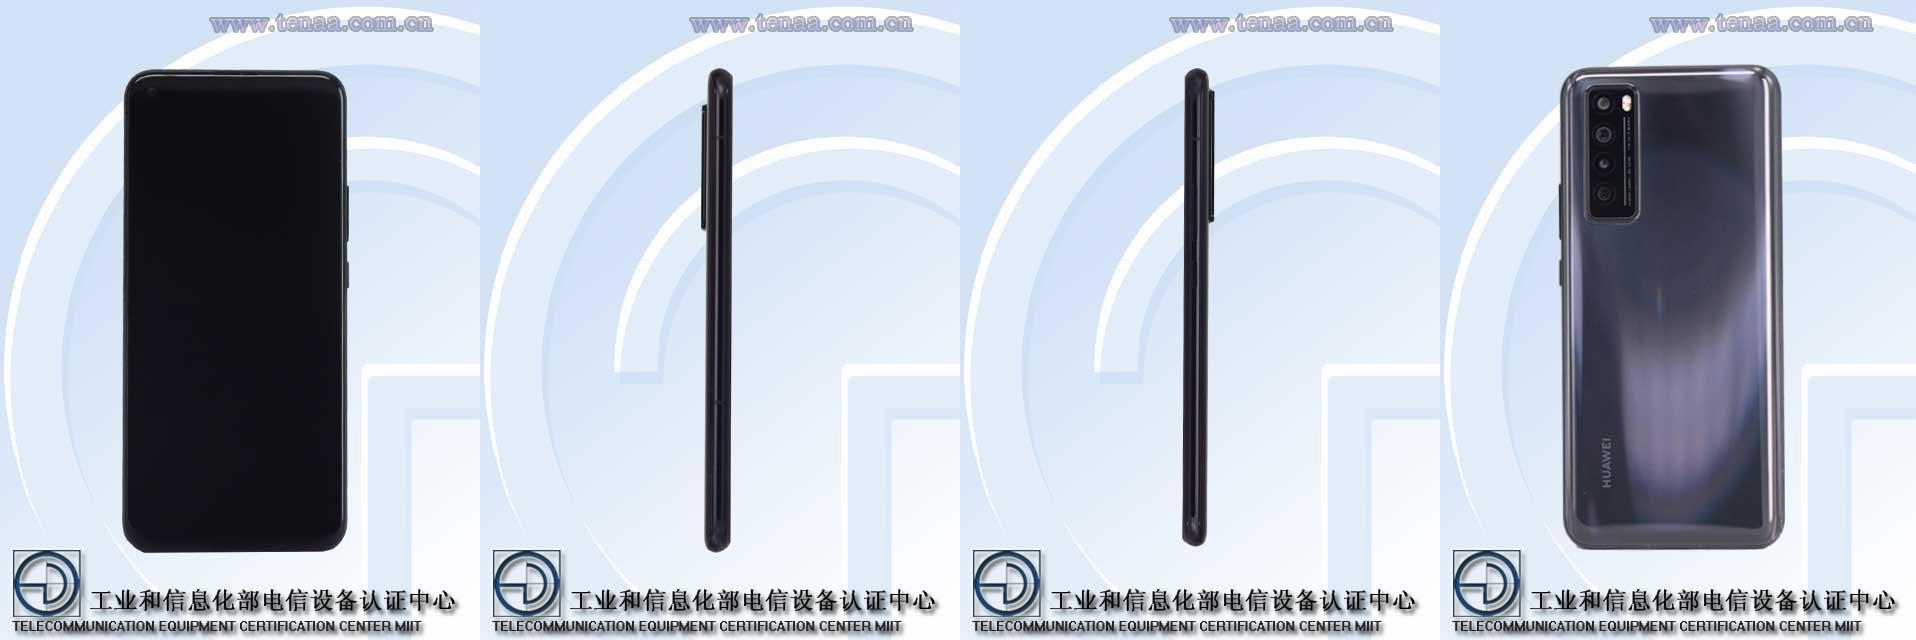 Huawei JEF-AN20